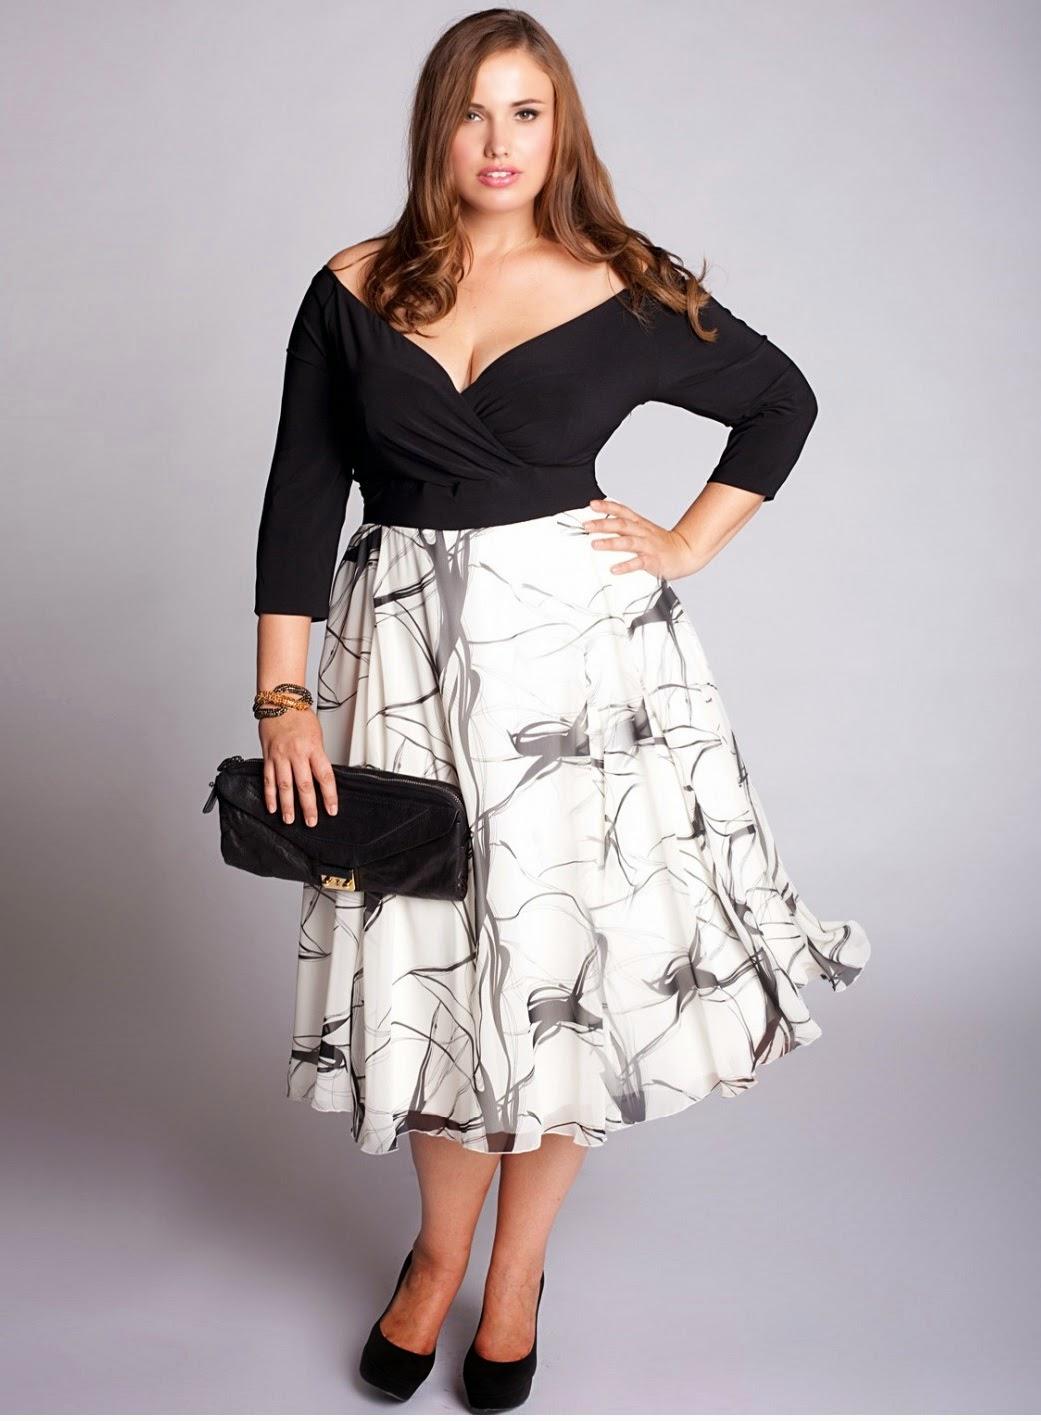 vestido-corte-evas%C3%A9.jpg